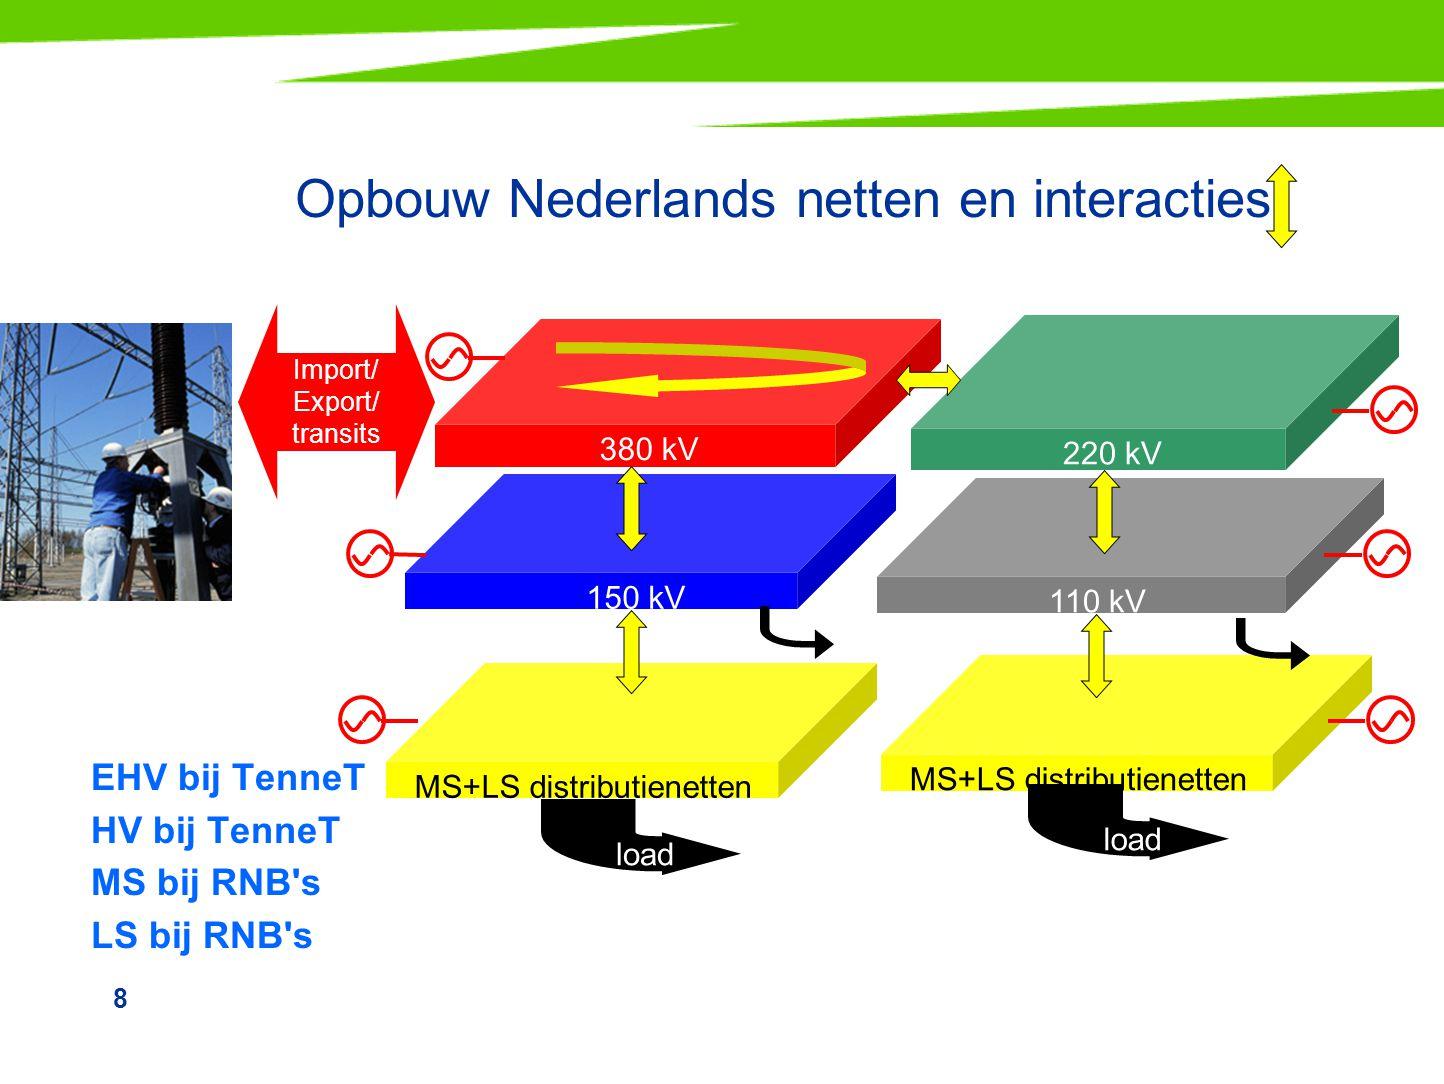 Opbouw Nederlands netten en interacties